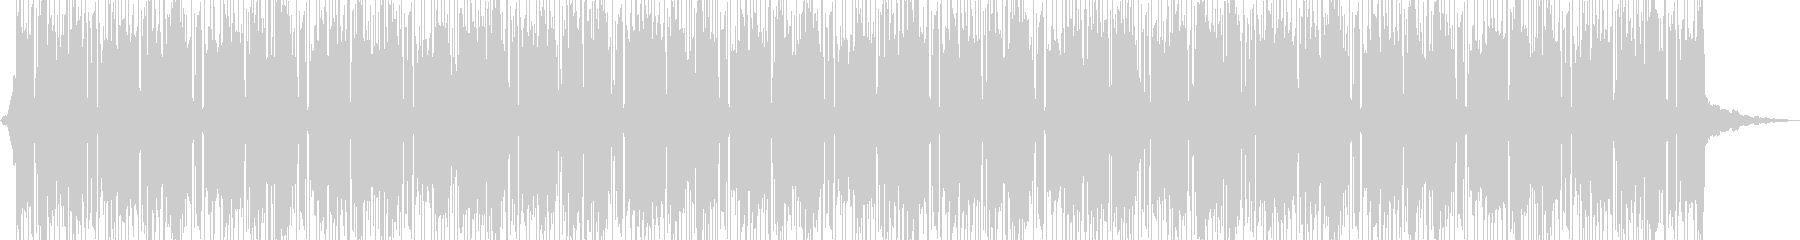 ヒップホップ、アグレッシブ、不吉、...の未再生の波形